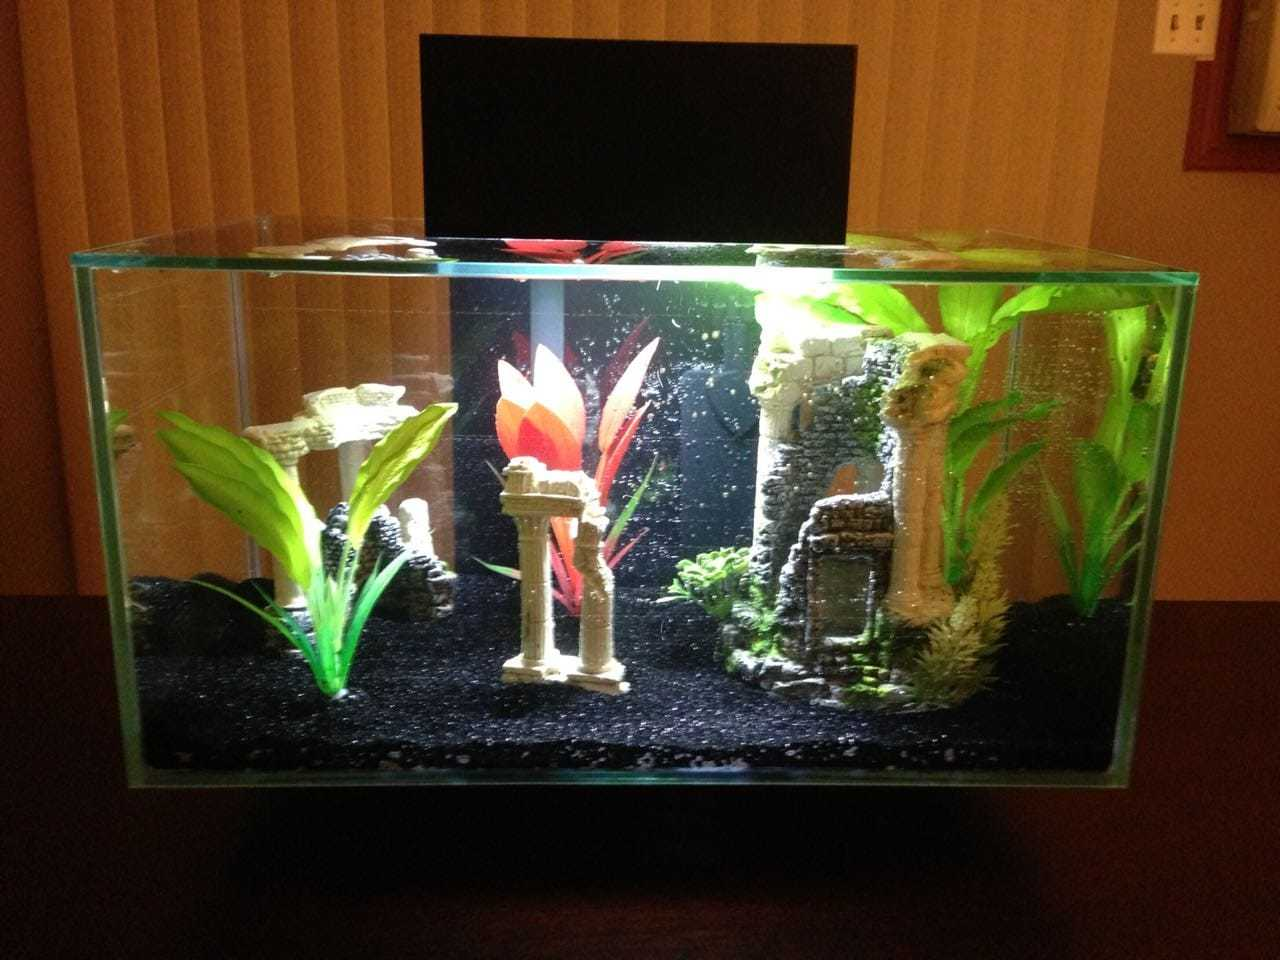 Top 10 Fish Aquarium Dealers in Karol Bagh - Best Fish Aquarium